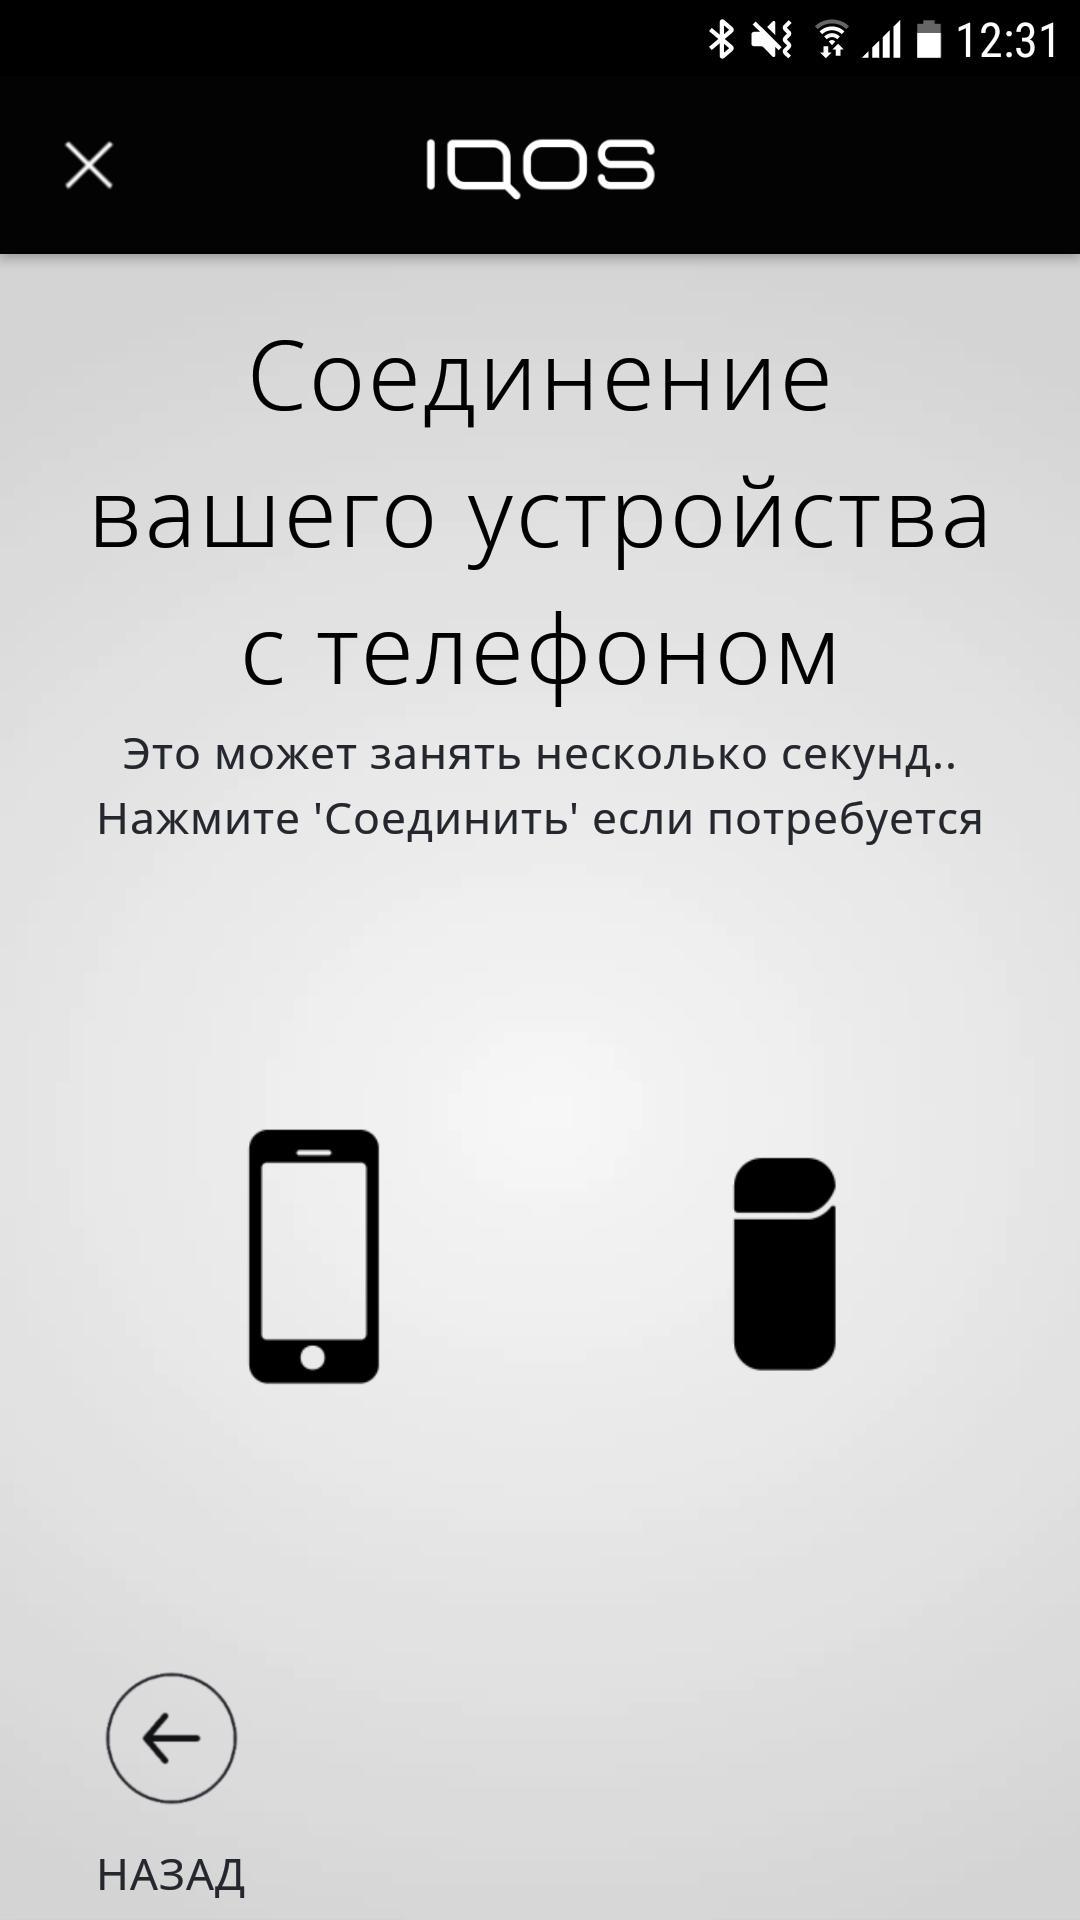 IQOS Connect для Андроид - скачать APK